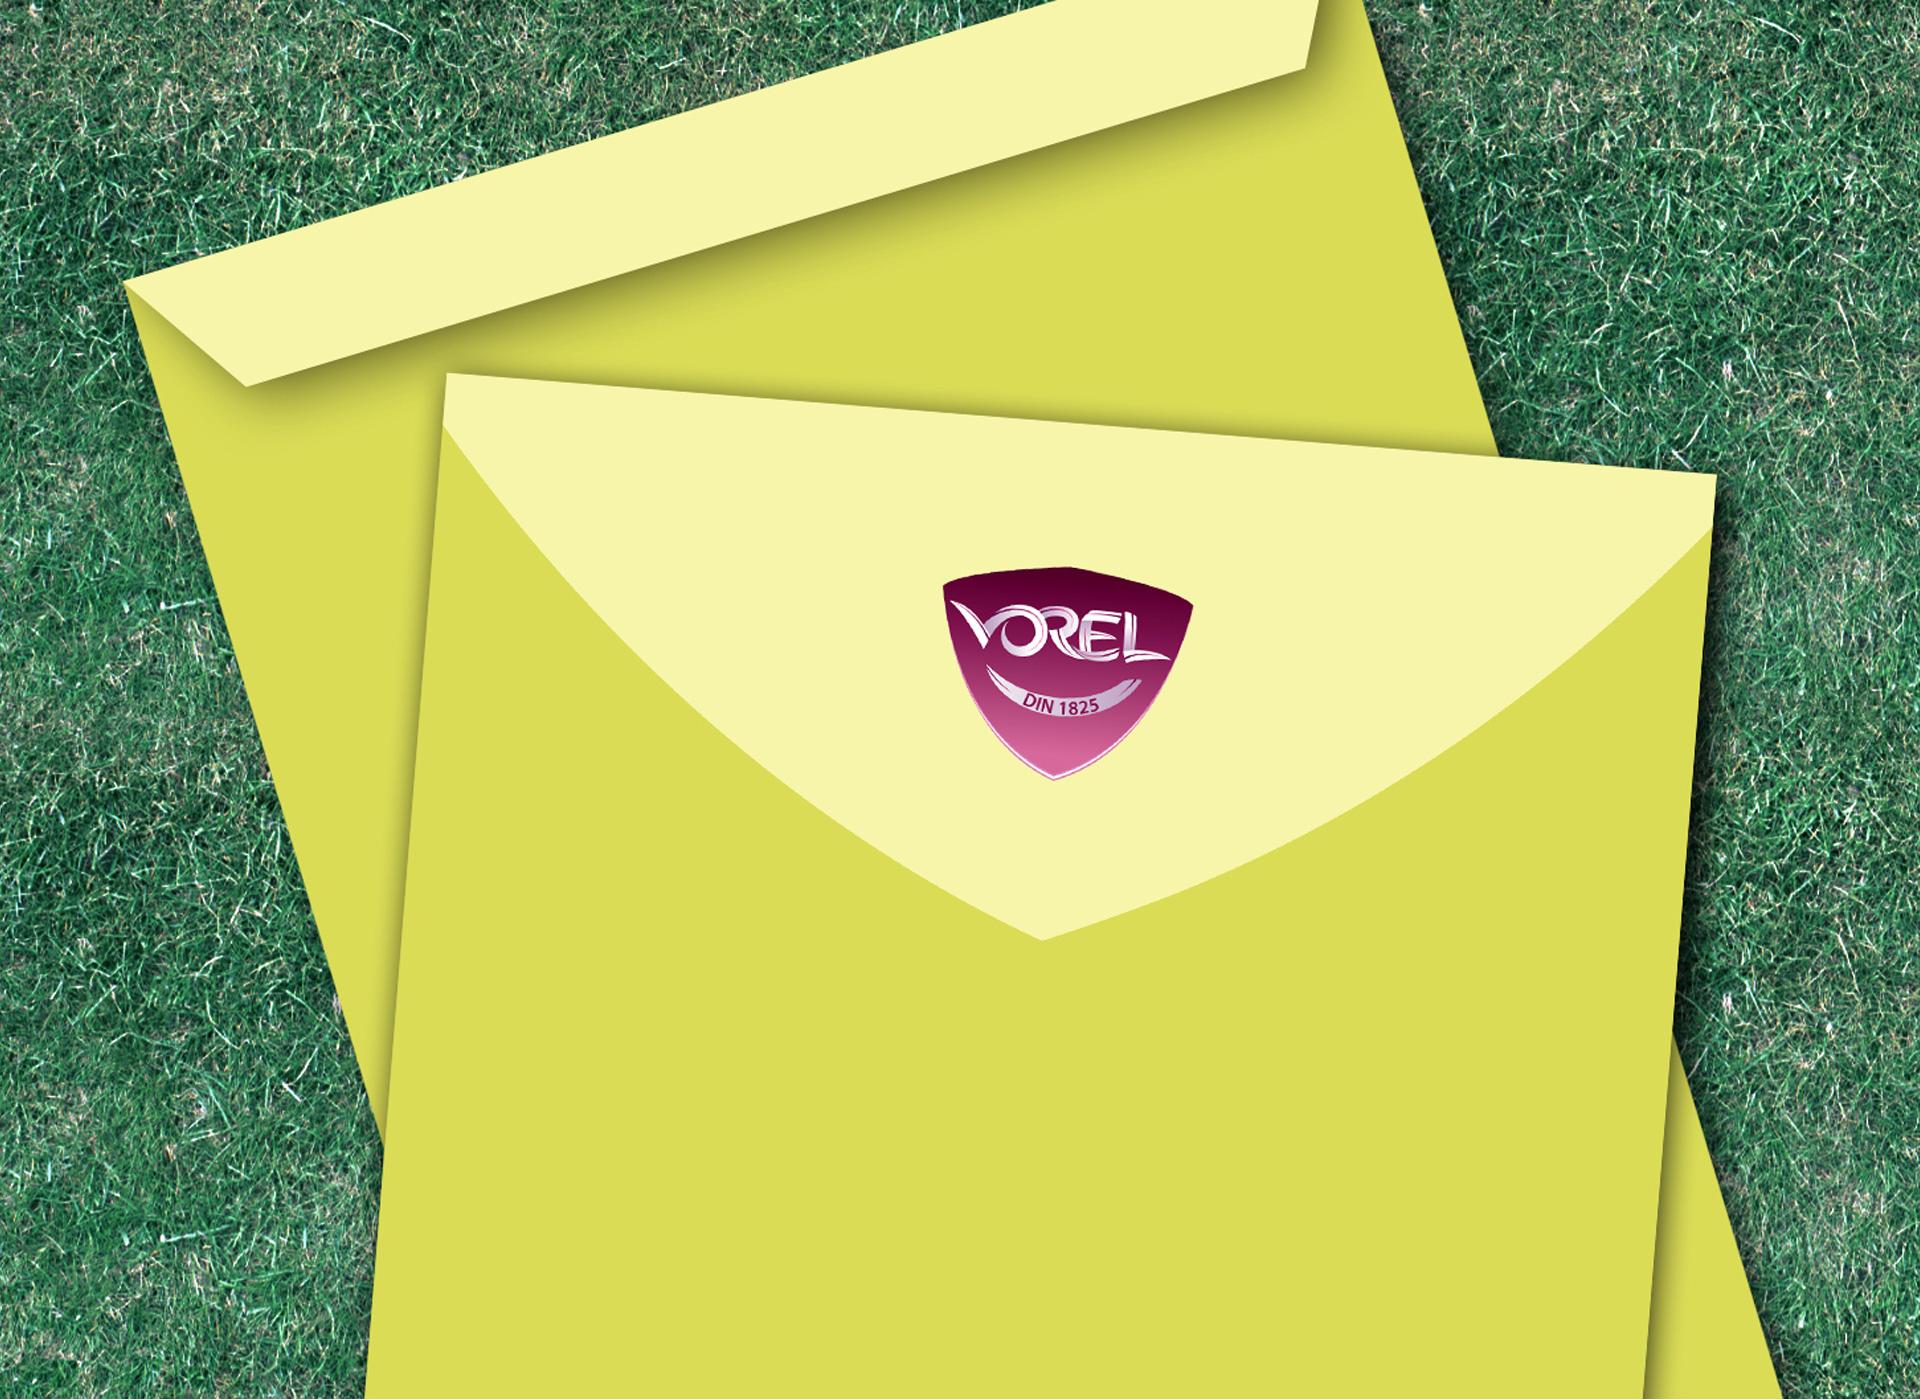 laboratoarele vorel inoveo portfolio envelope design